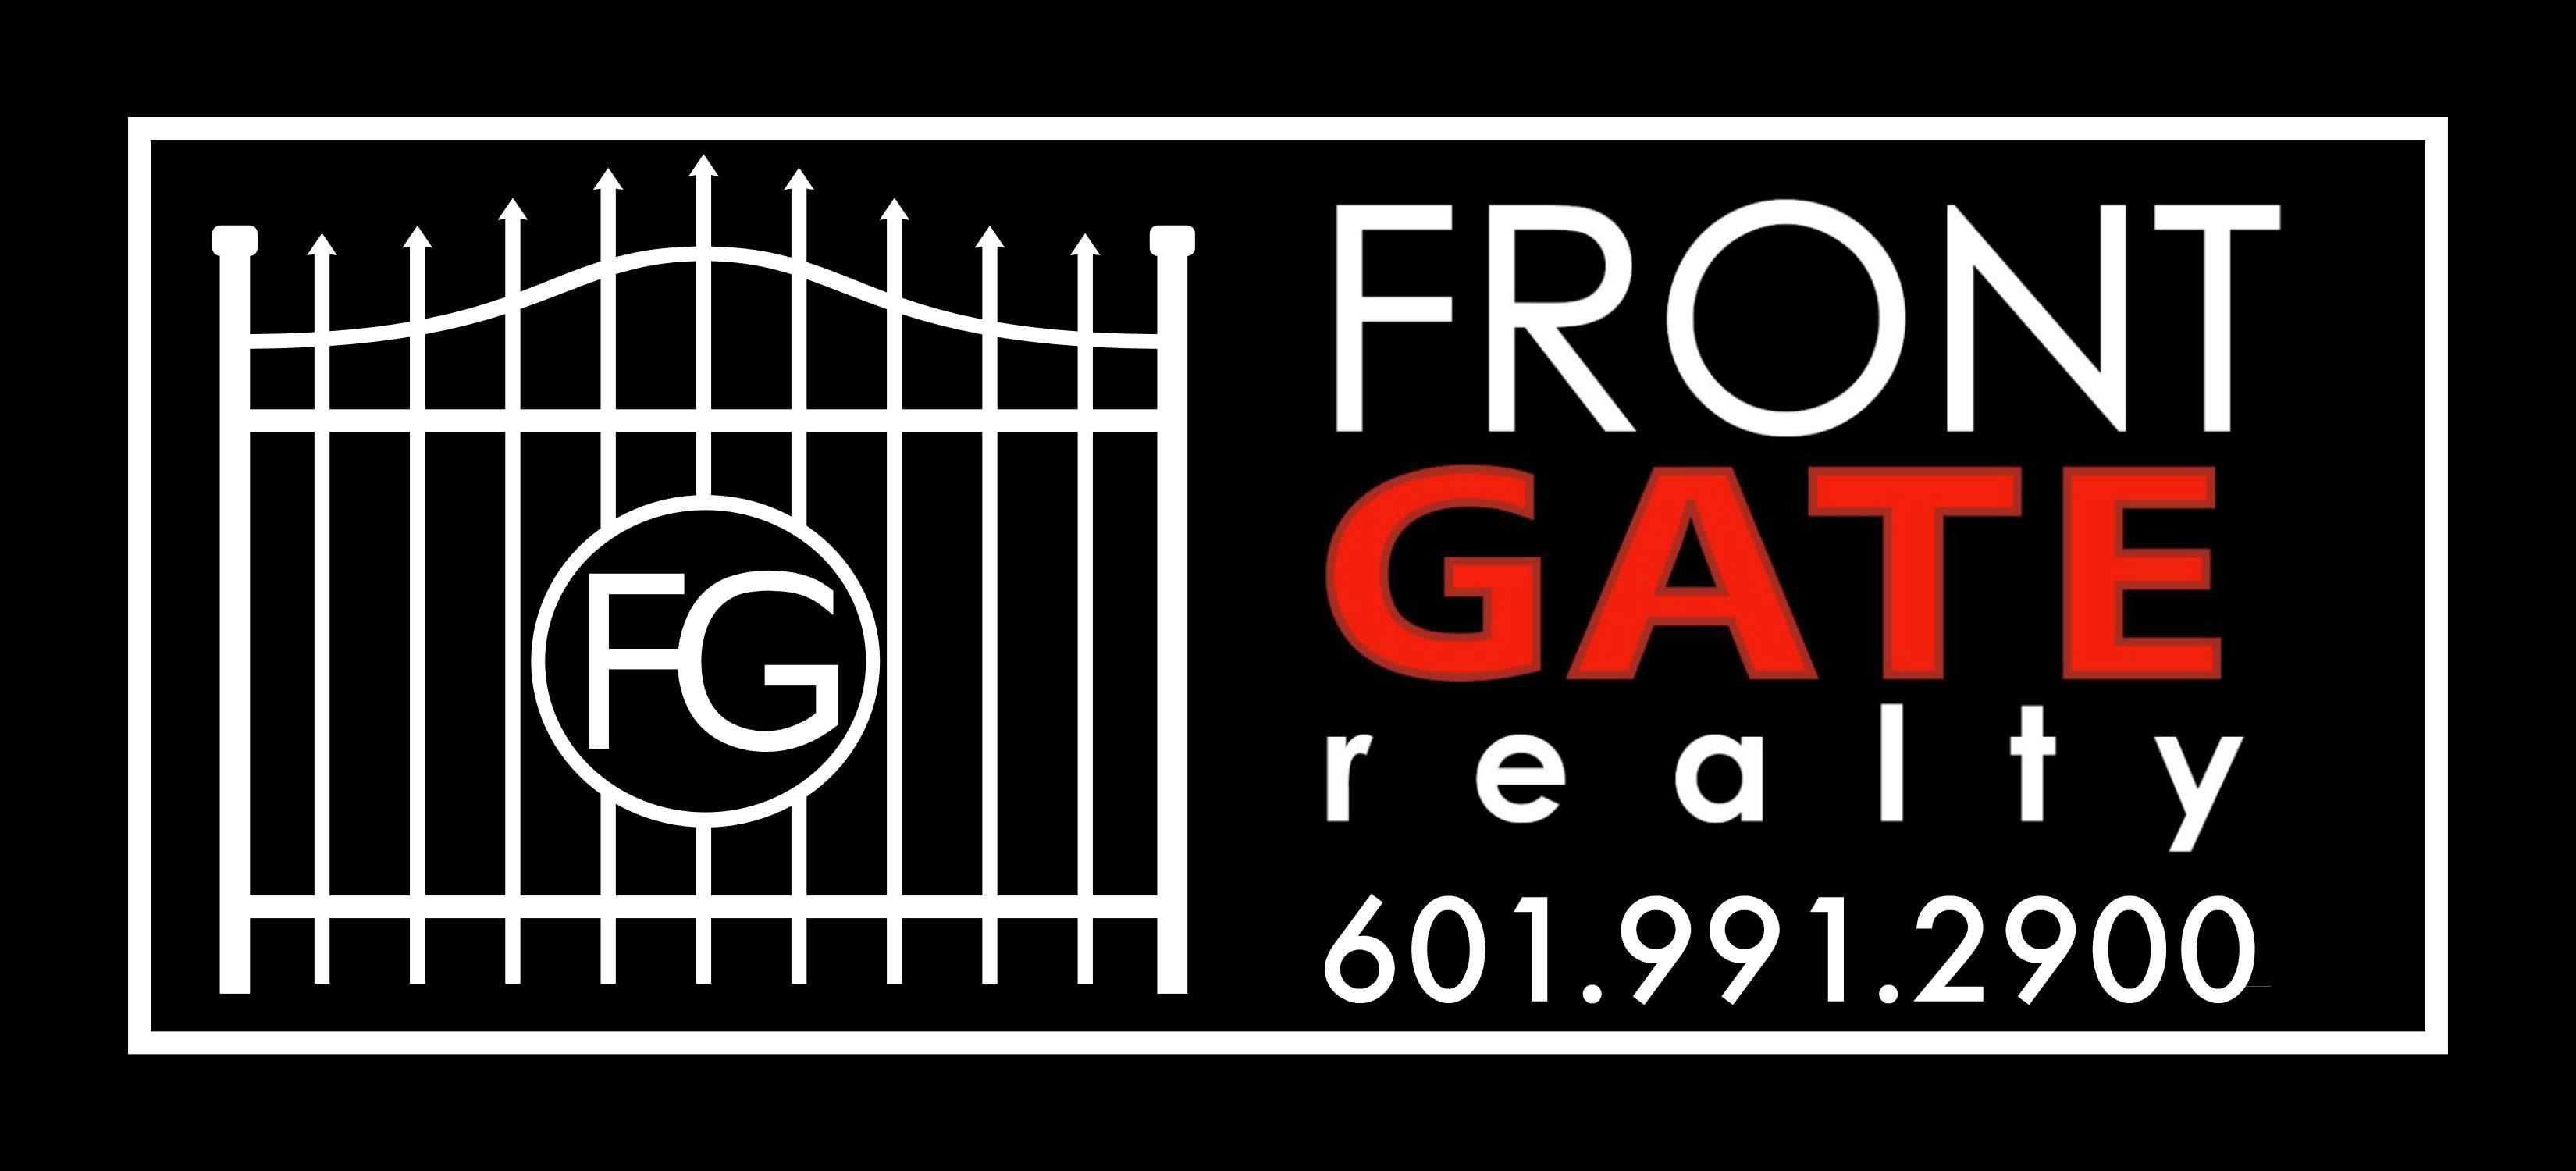 Sandye Blalock 601-321-9616  - Front Gate Realty 601-991-2900